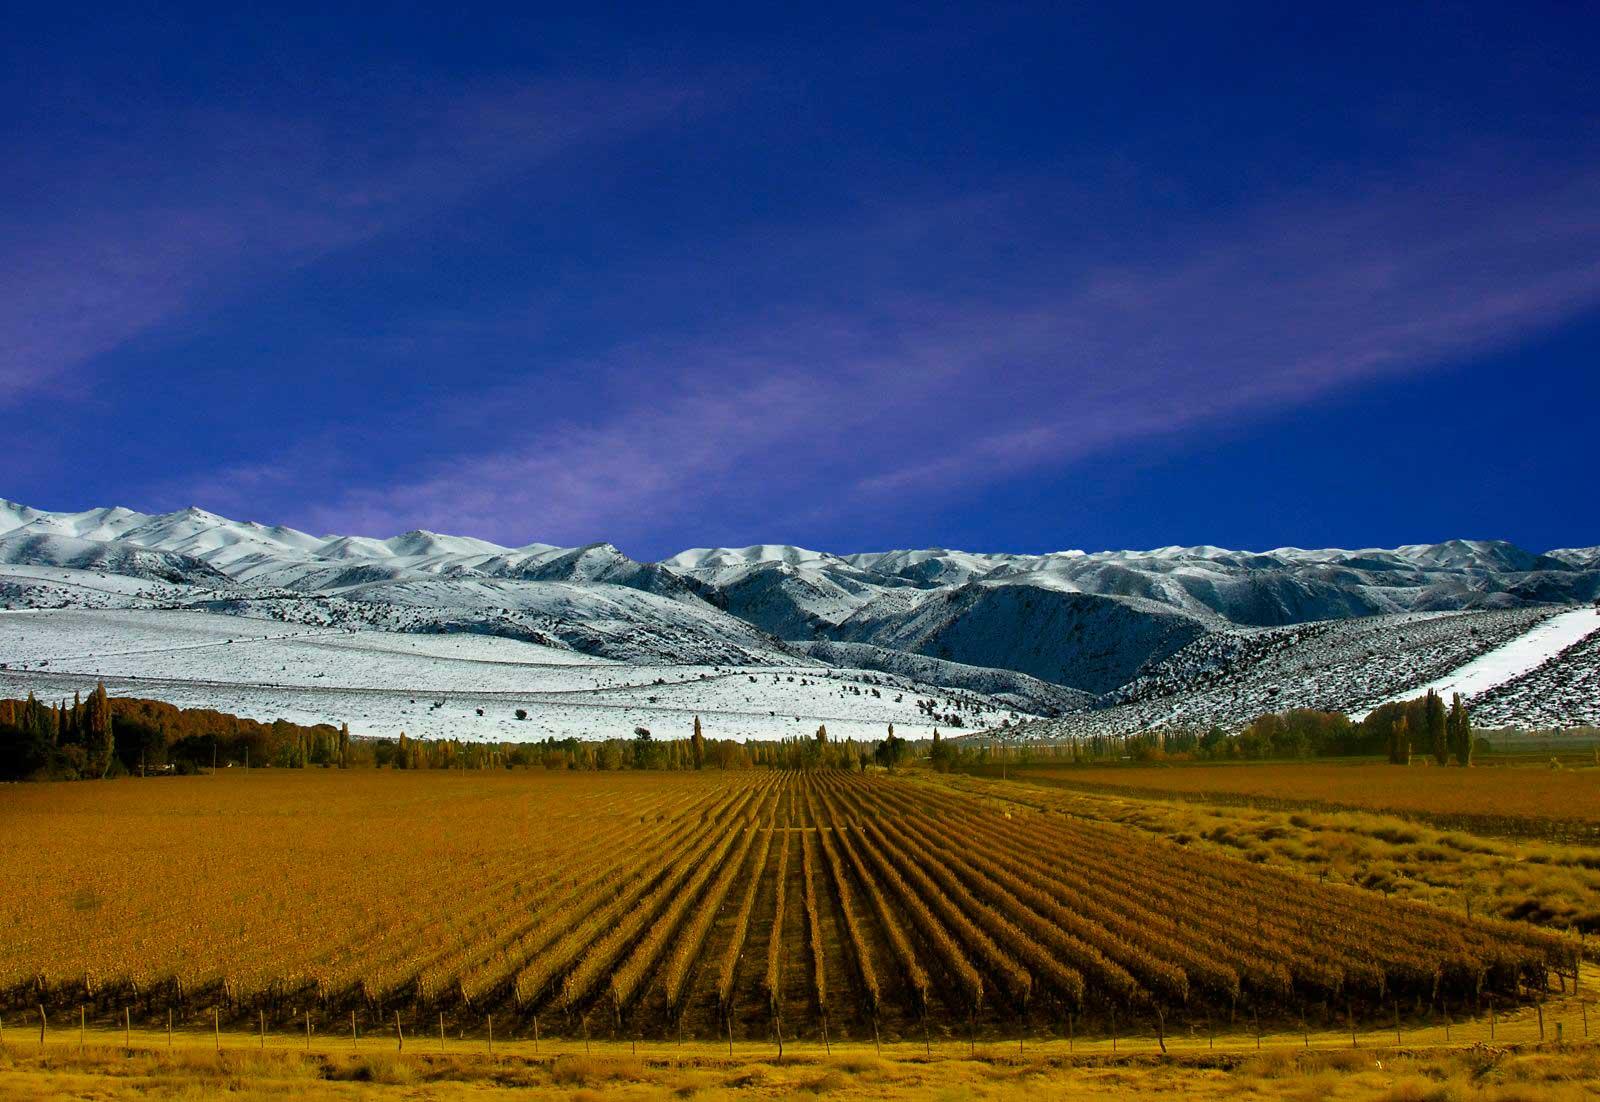 Vinhedos de Mendoza/ Crédito foto: http://www.revistaviajar.com.br/artigos/739/chile-e-argentina-de-carro-pelos-andes